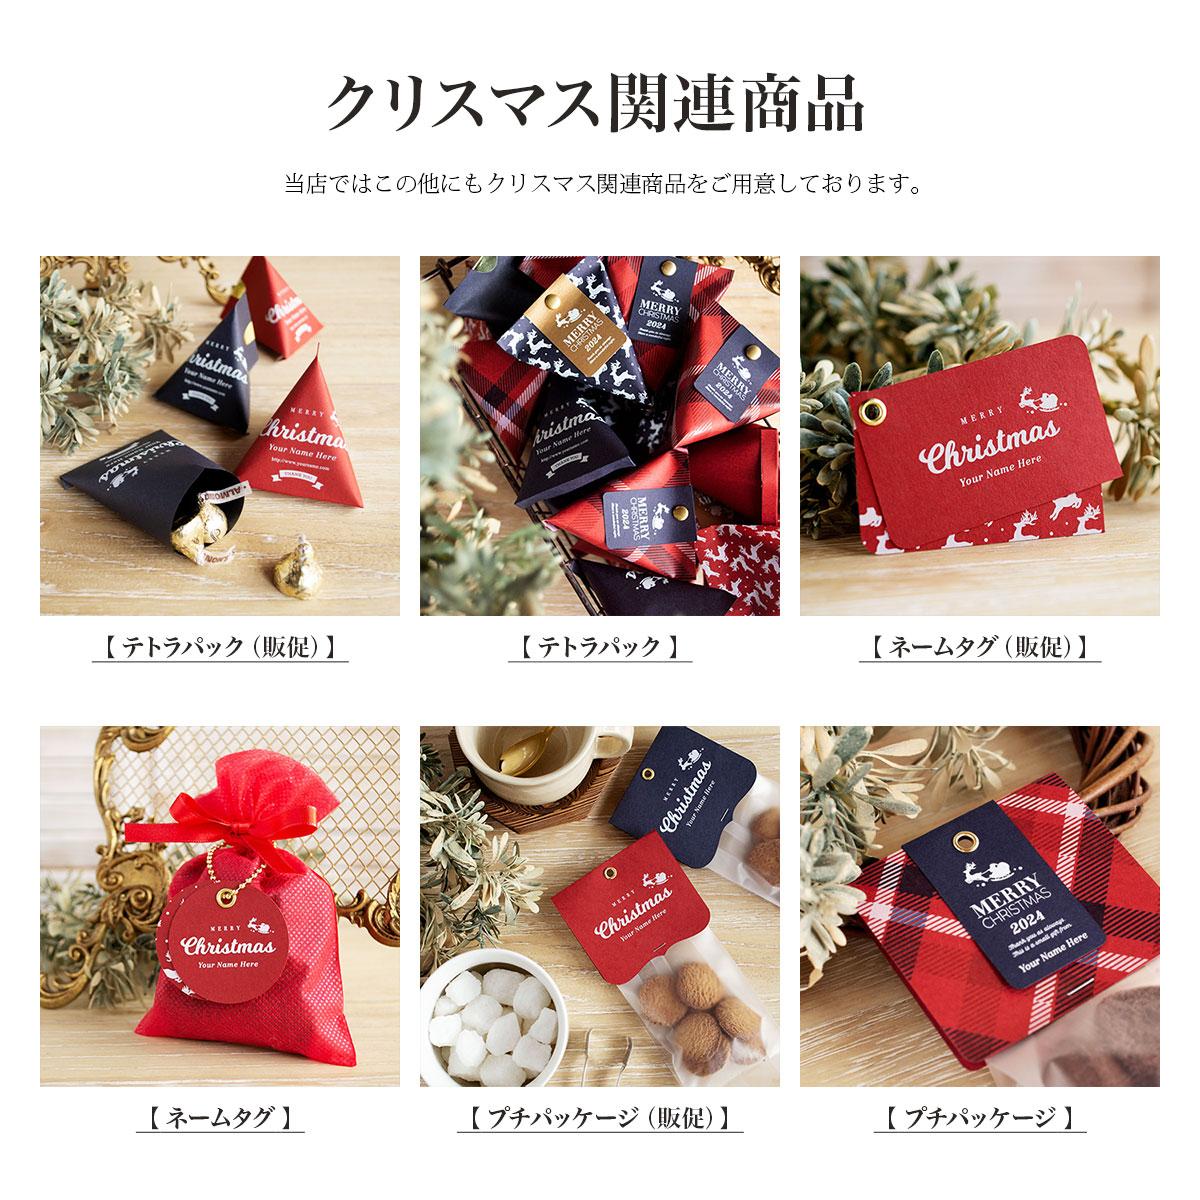 クリスマス関連商品